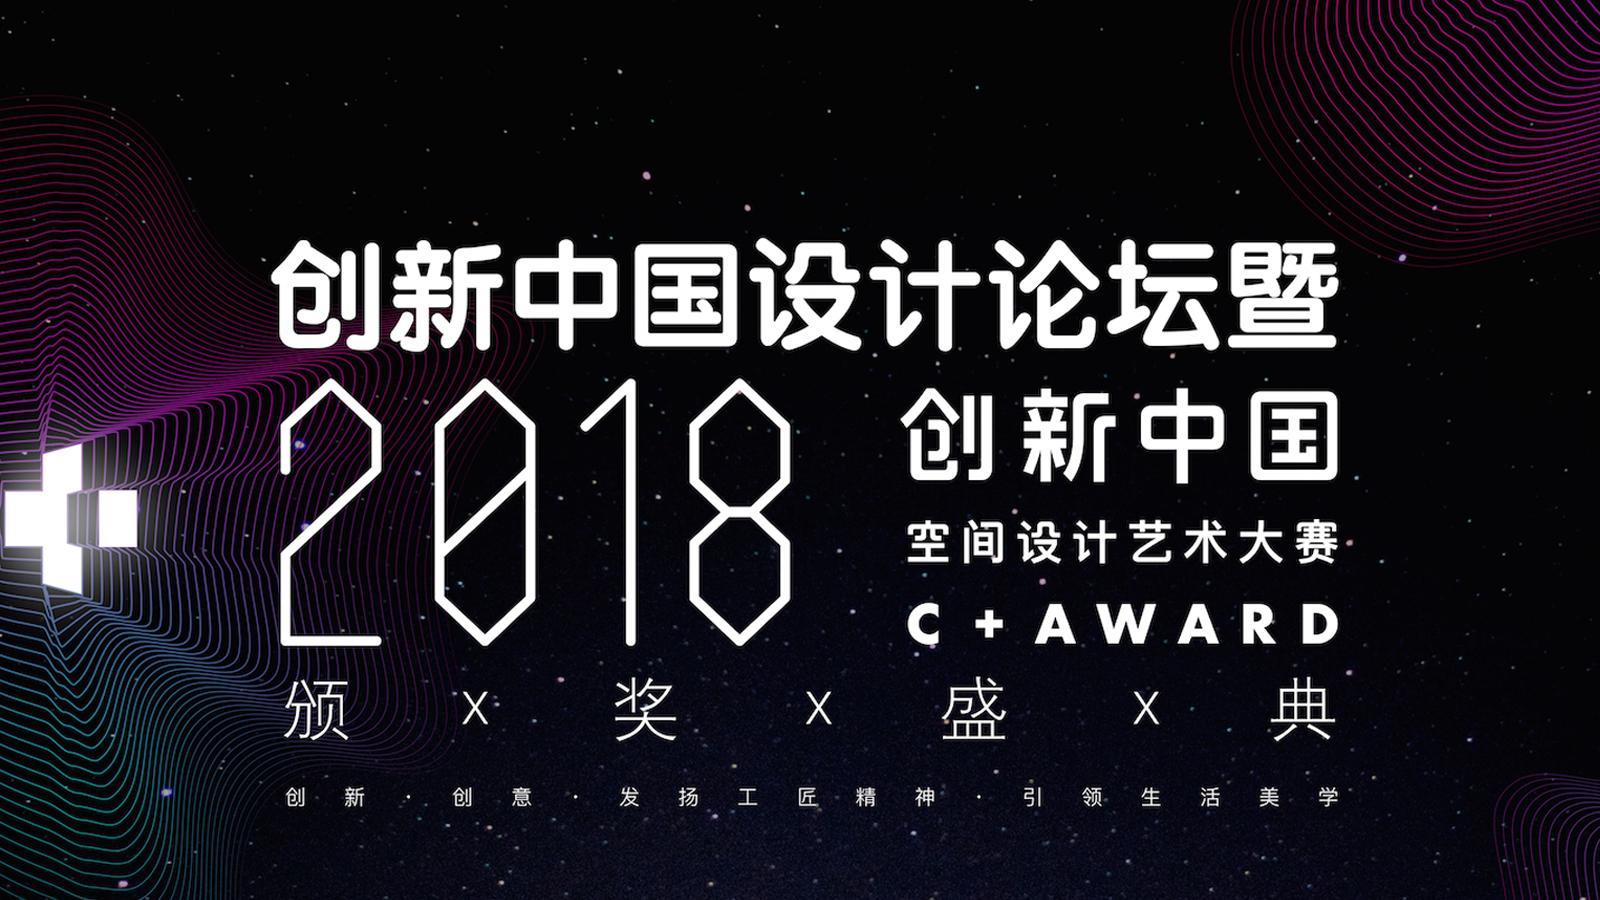 """张郁《""""情遇""""博物馆——博物馆艺术魅力如何体现》——创新中国设计论坛"""